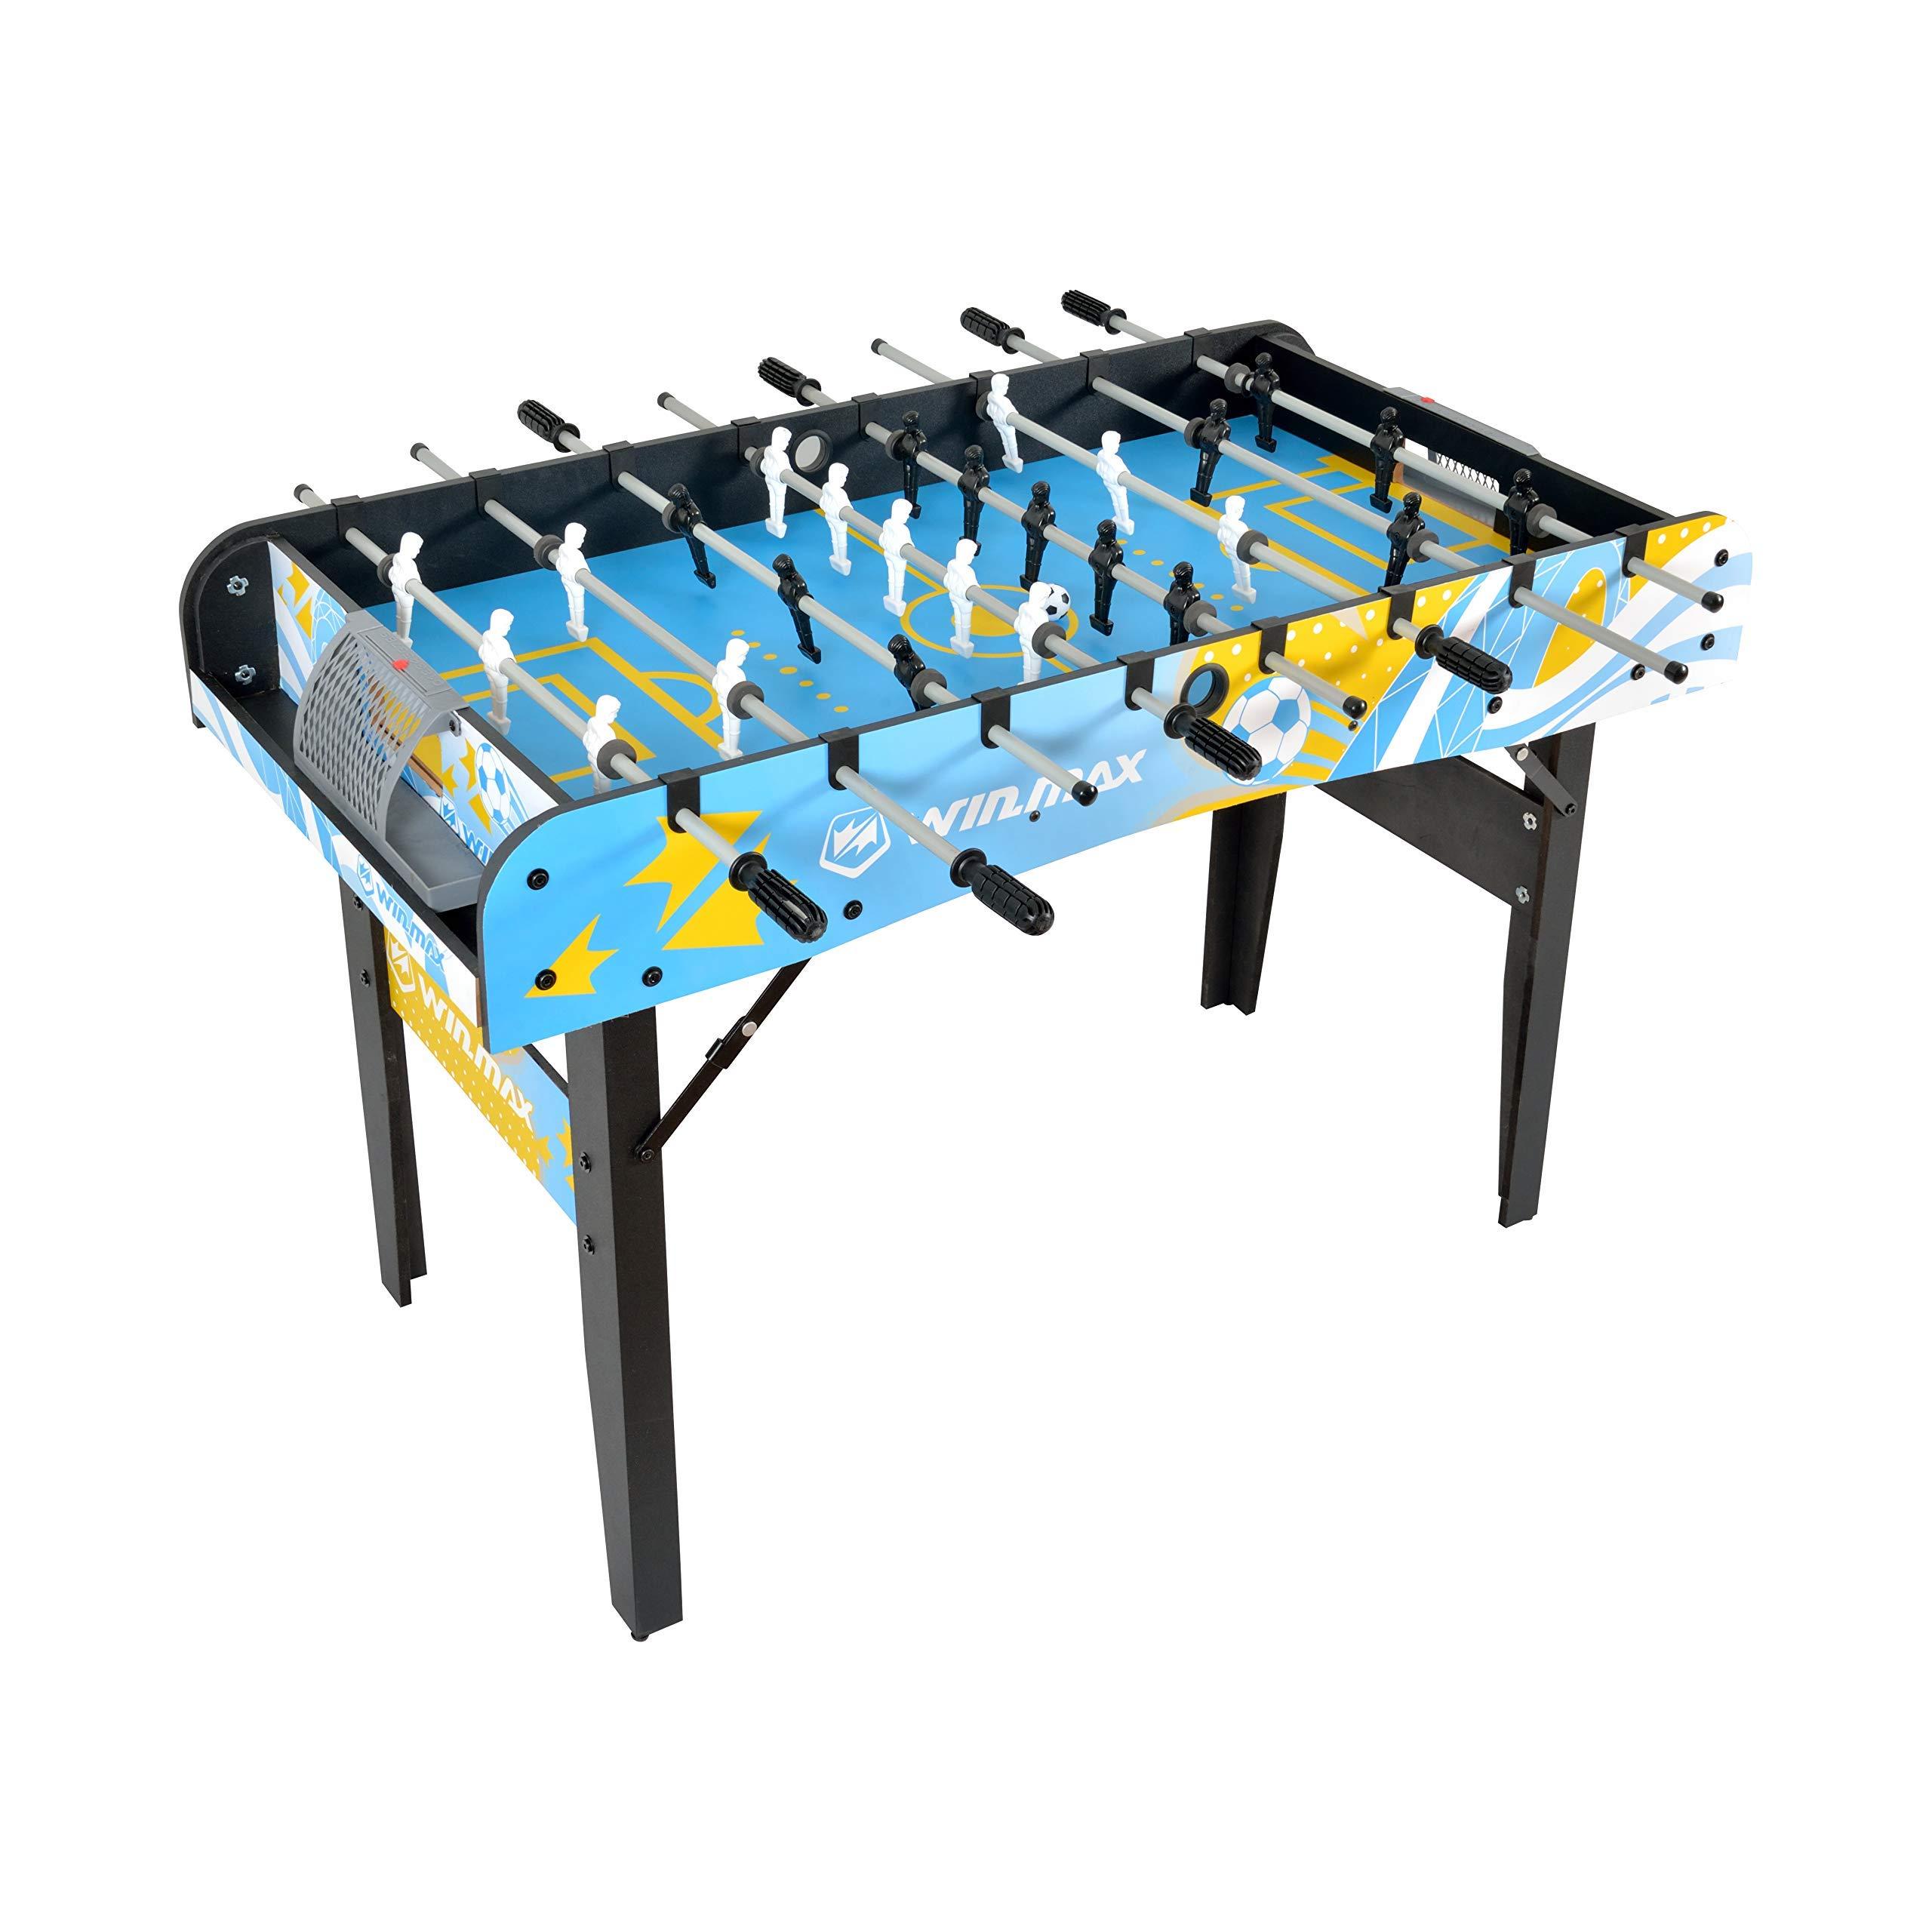 WIN.MAX Sin instalación Futbolín de Mesa - 121 x 61 x 81 cm: Amazon.es: Deportes y aire libre